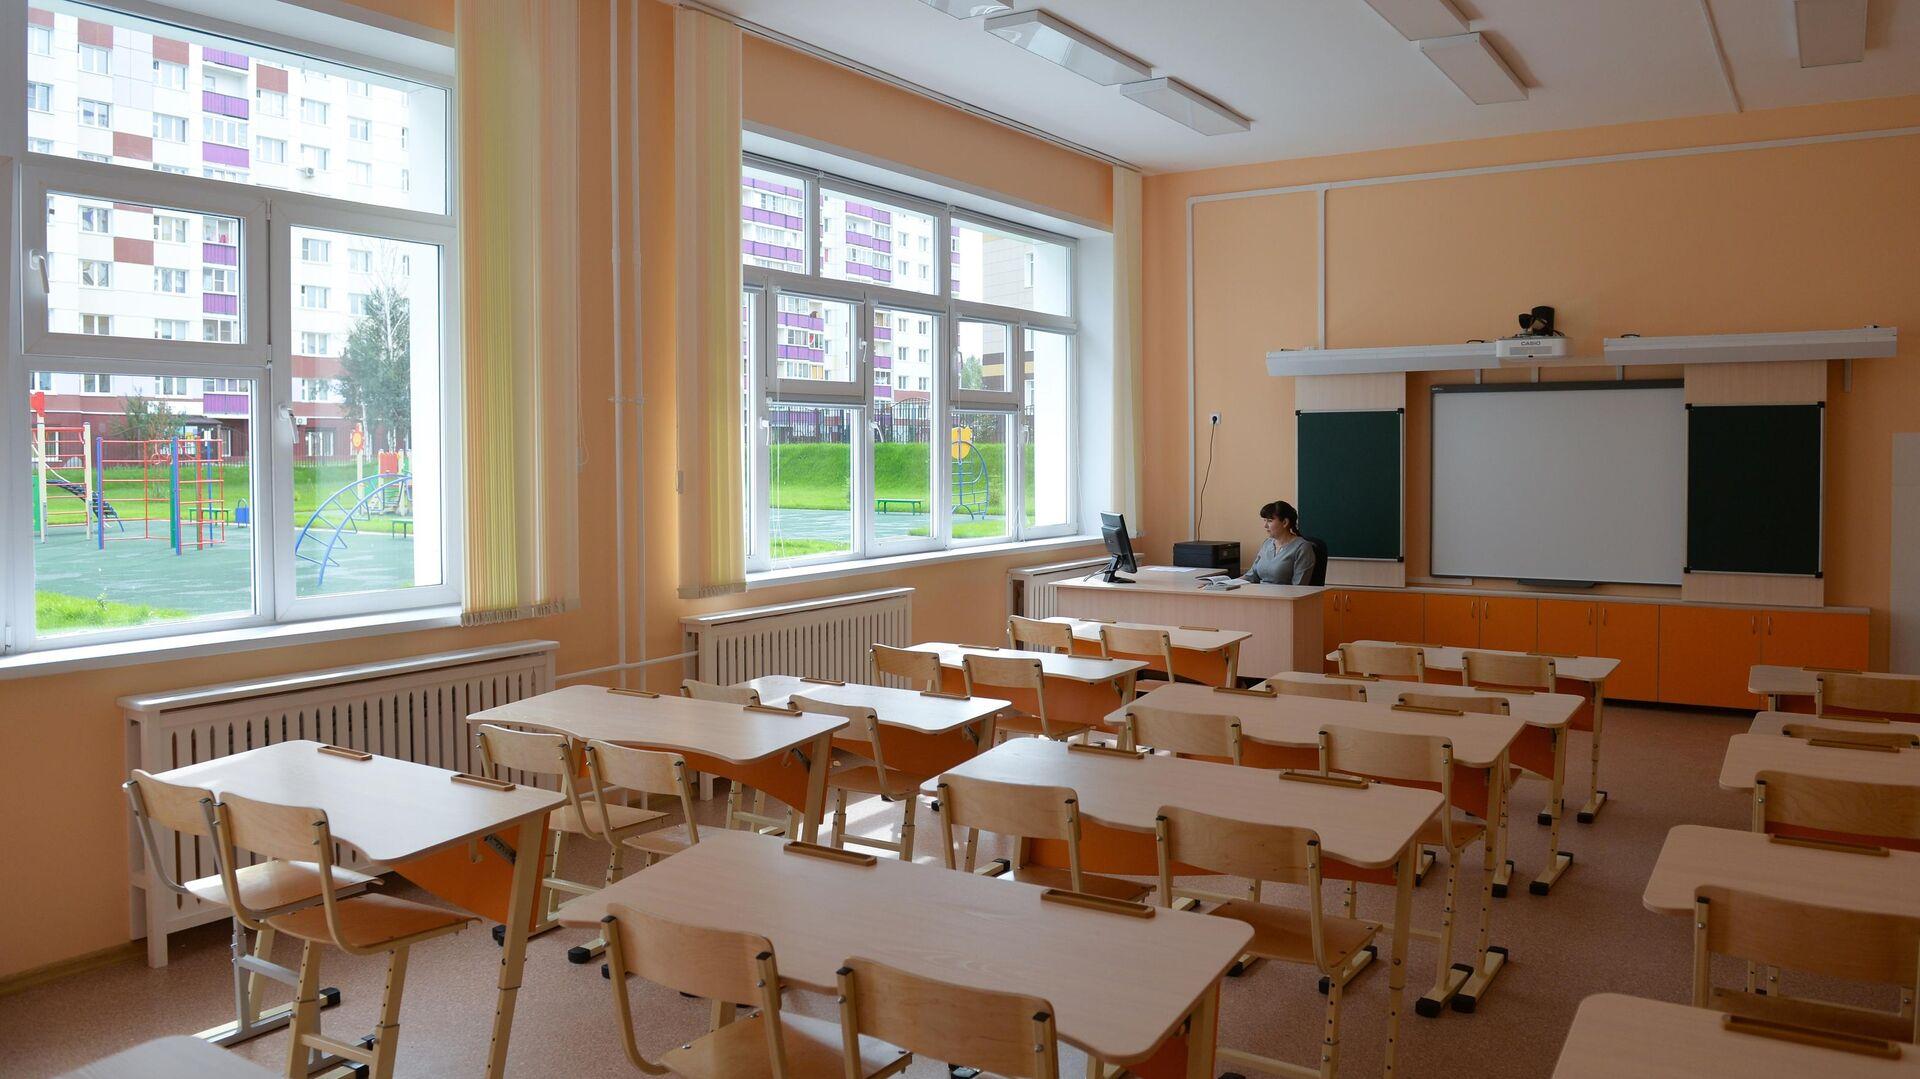 Учитель в классе школы - РИА Новости, 1920, 04.10.2020